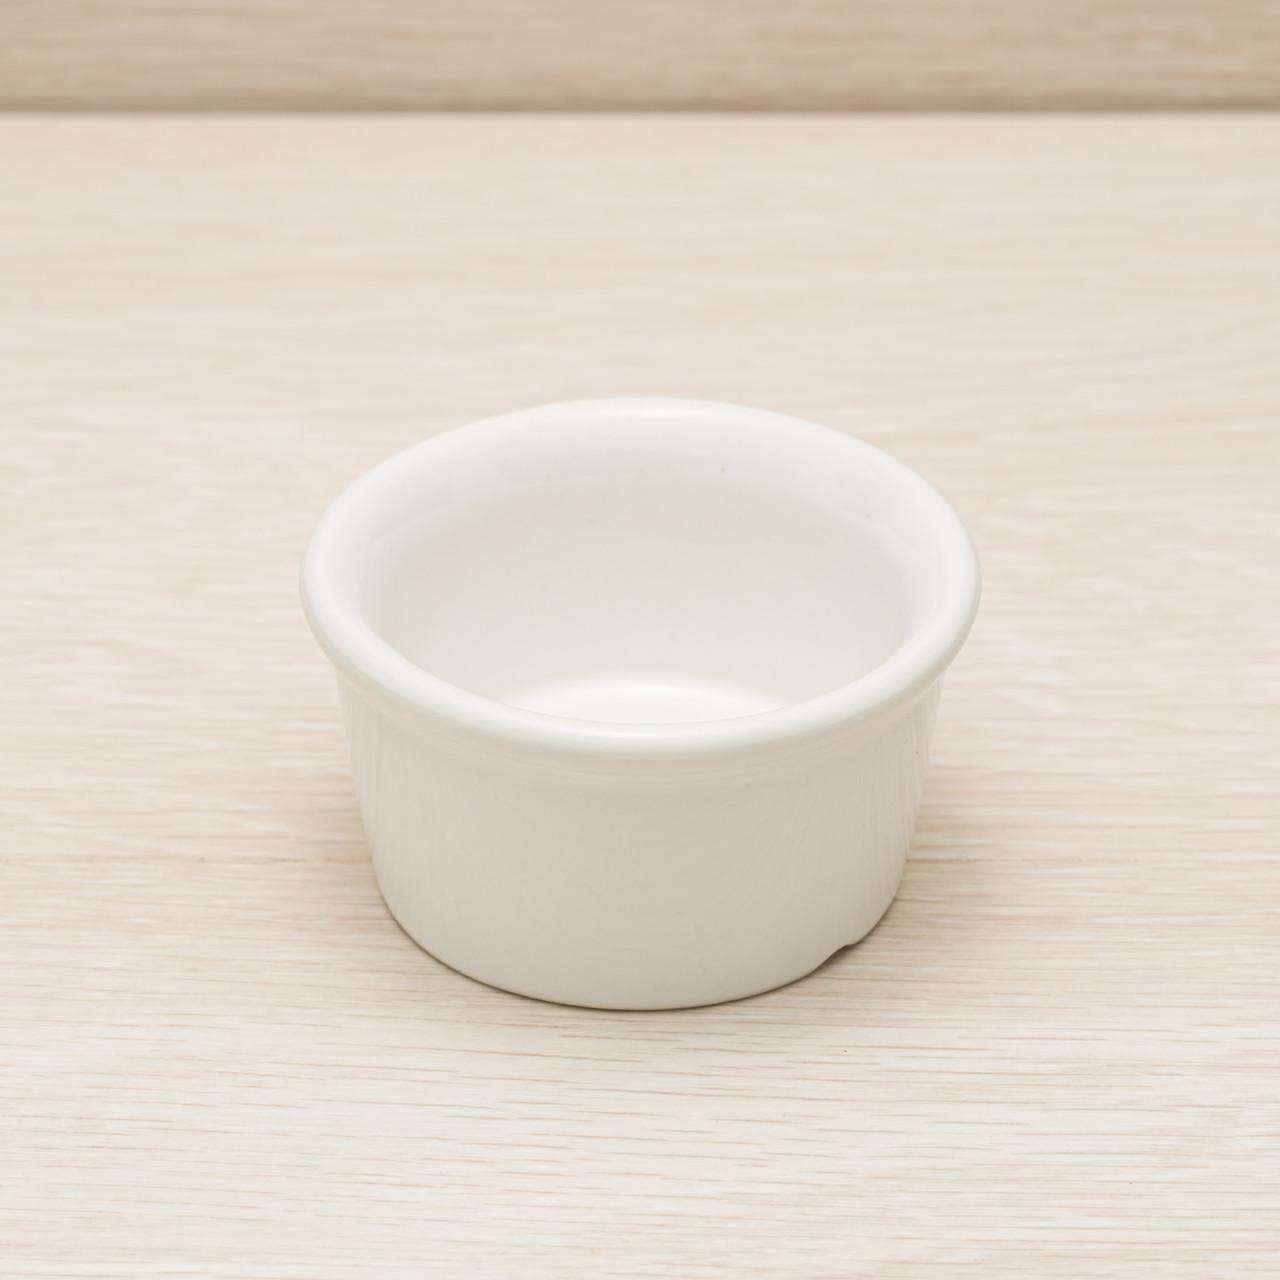 Соусница керамическая белая 100мл, 8 см